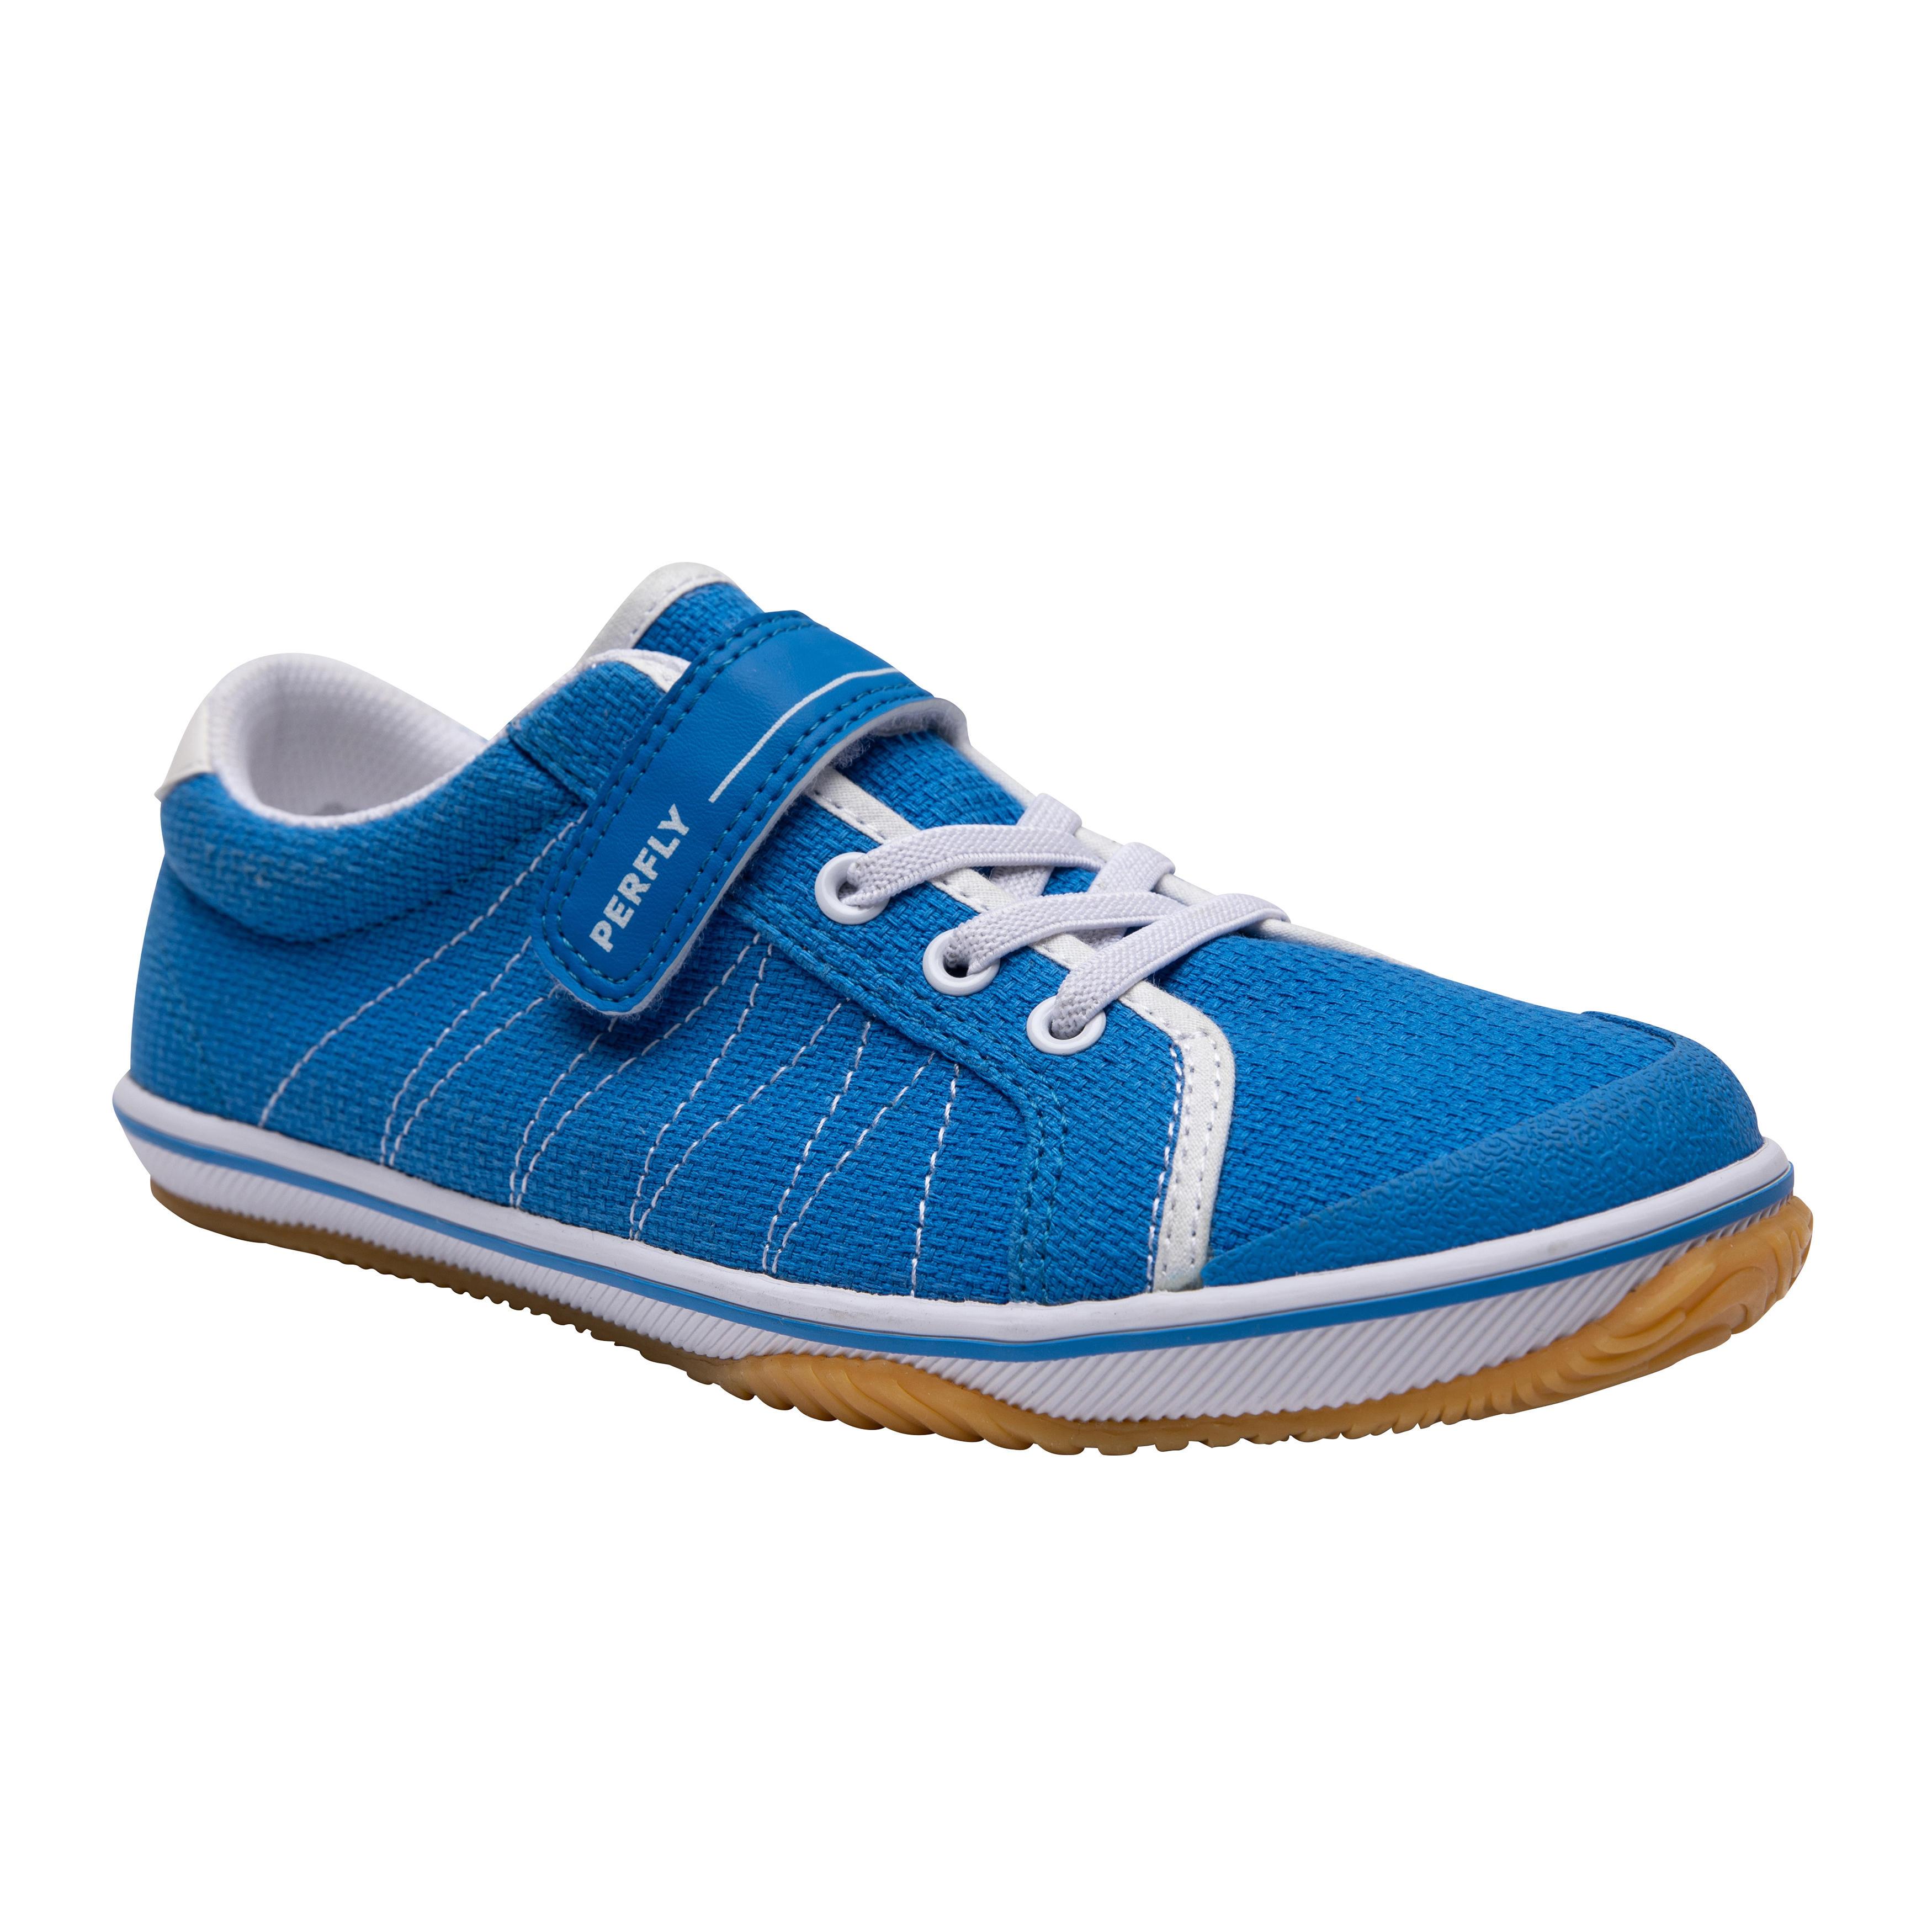 Perfly Badmintonschoenen voor kinderen BS 100 blauw